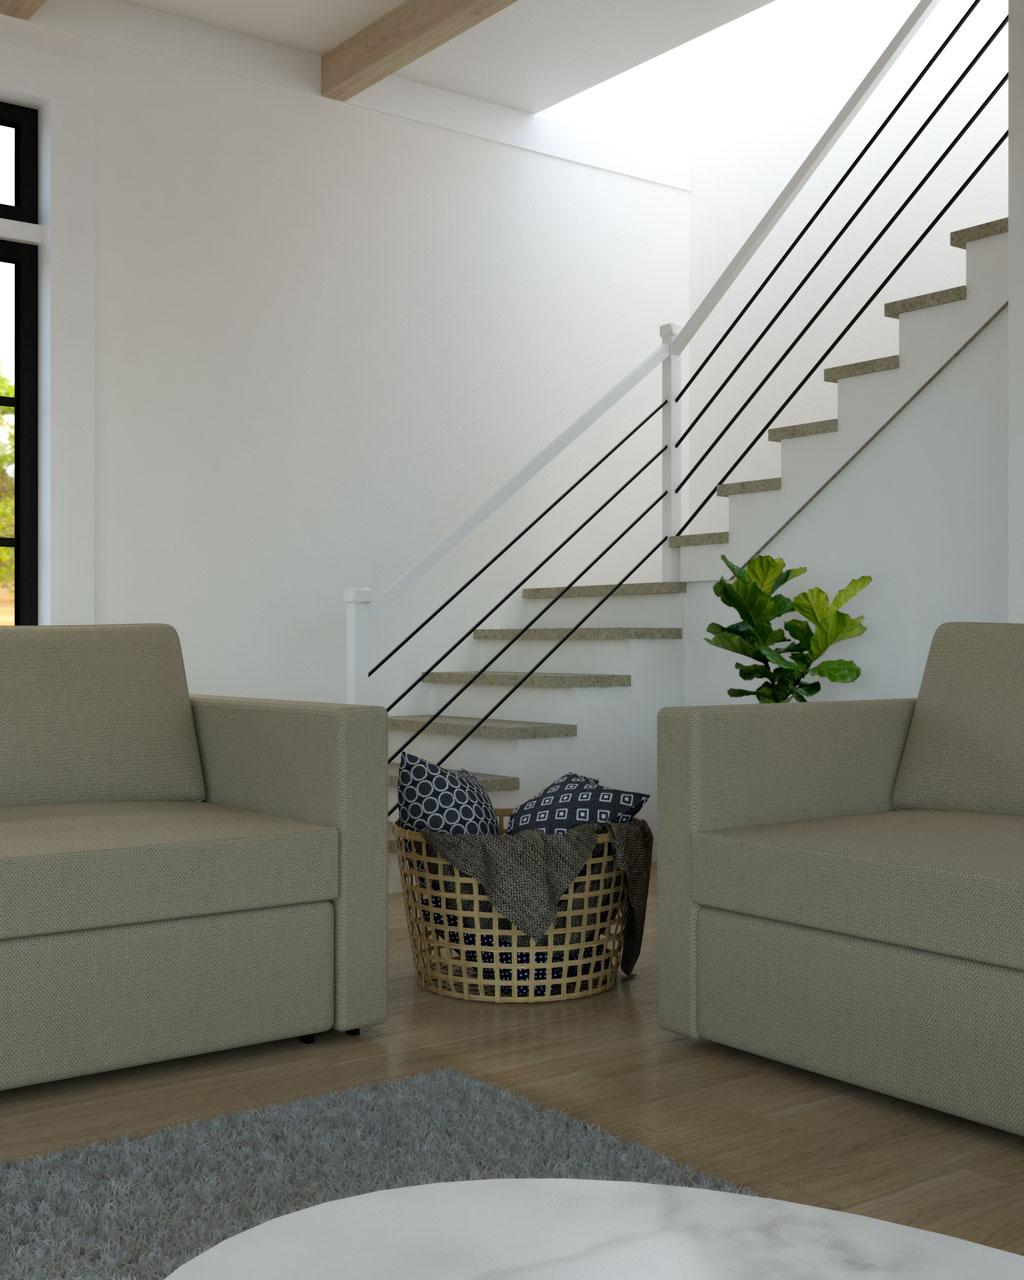 Basket in sofa's corner